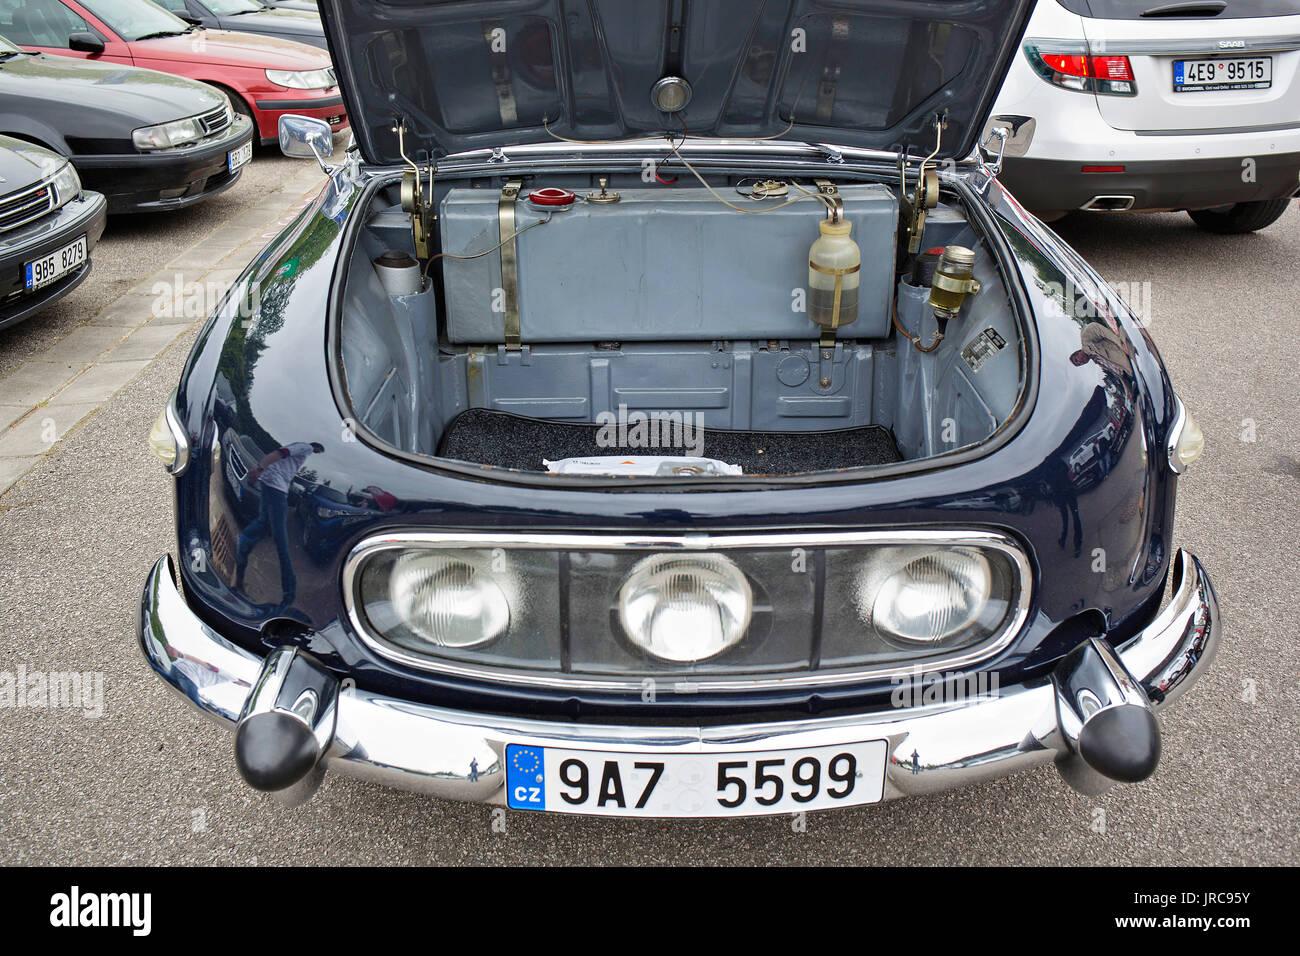 Tatra 603 veteran car